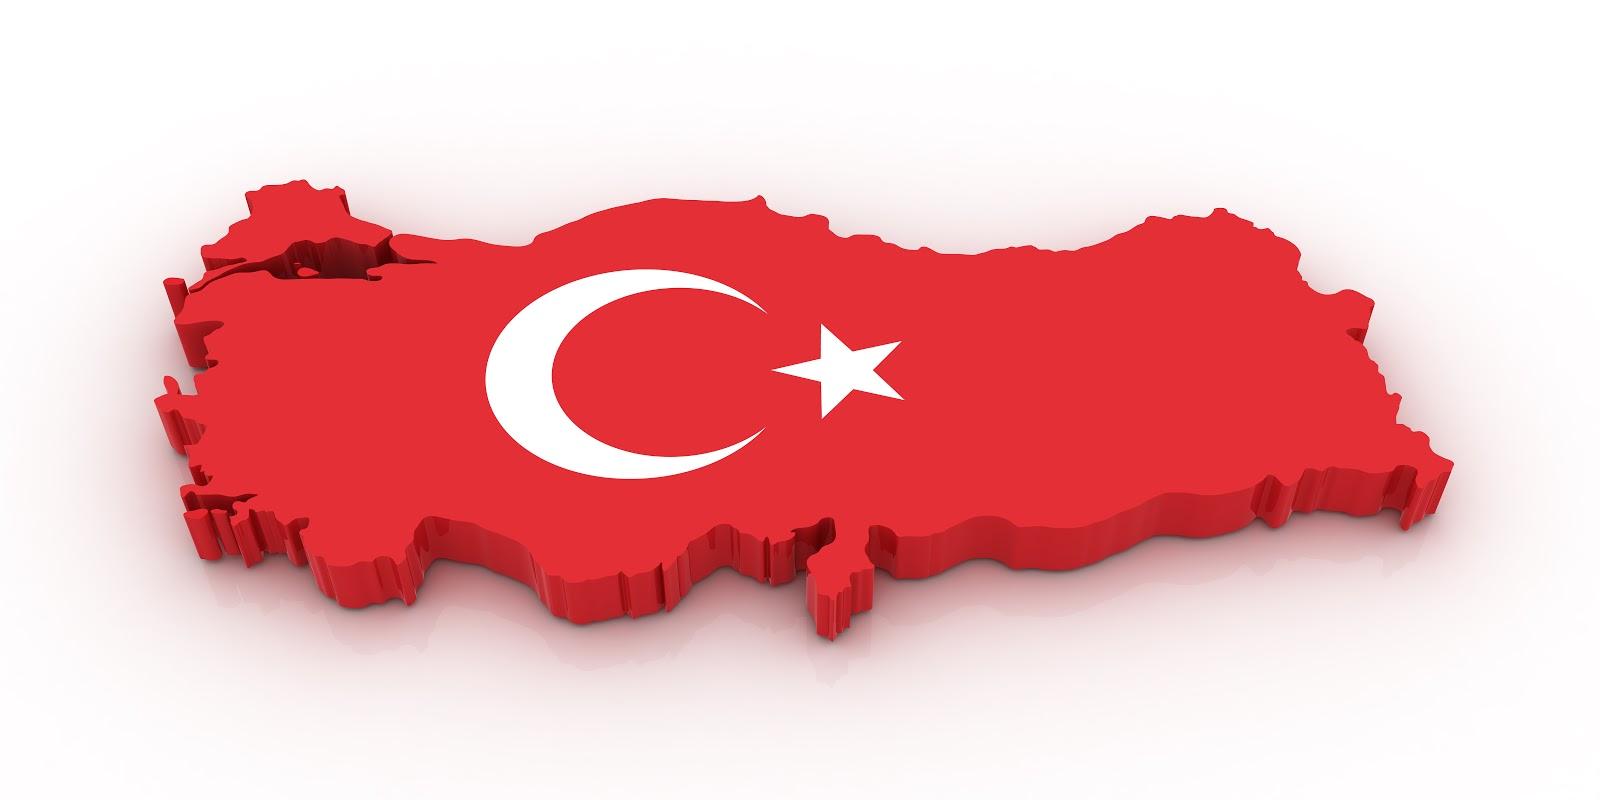 بالصور صور علم تركيا , اجمل صورة لعلم تركيا 4560 4